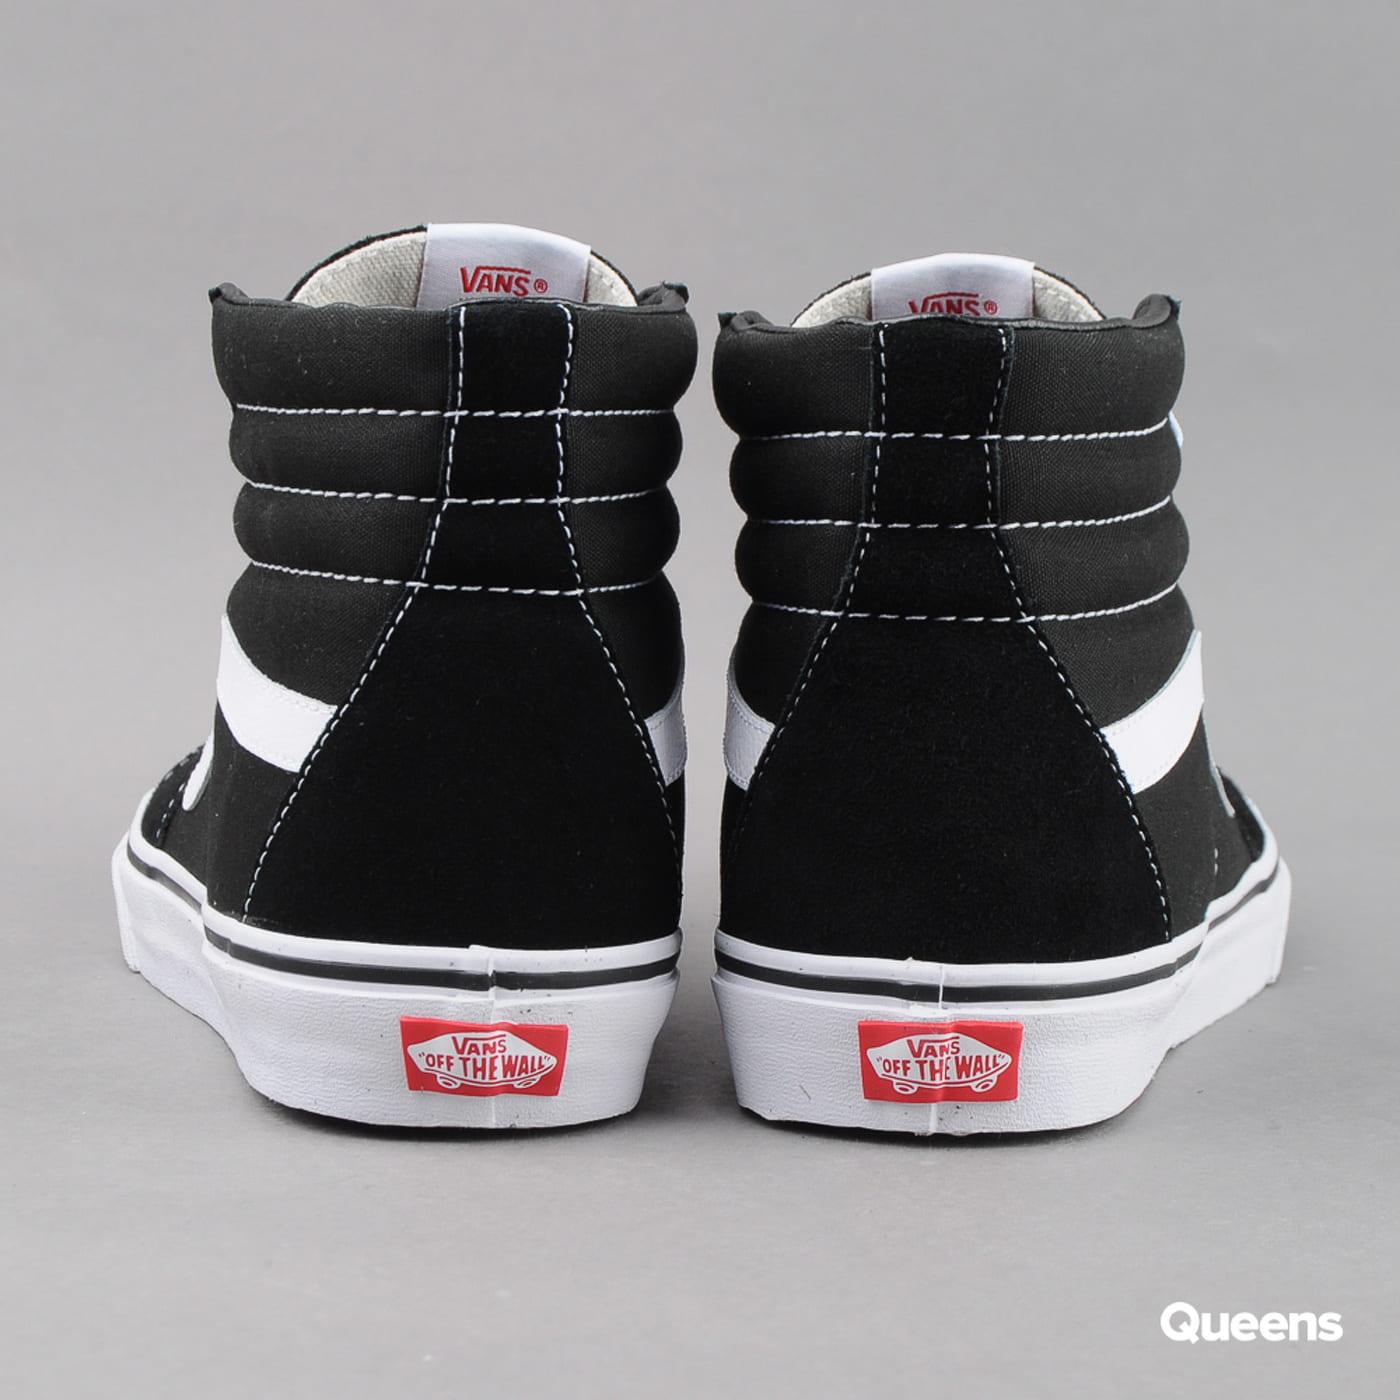 Vans SK8 Hi black